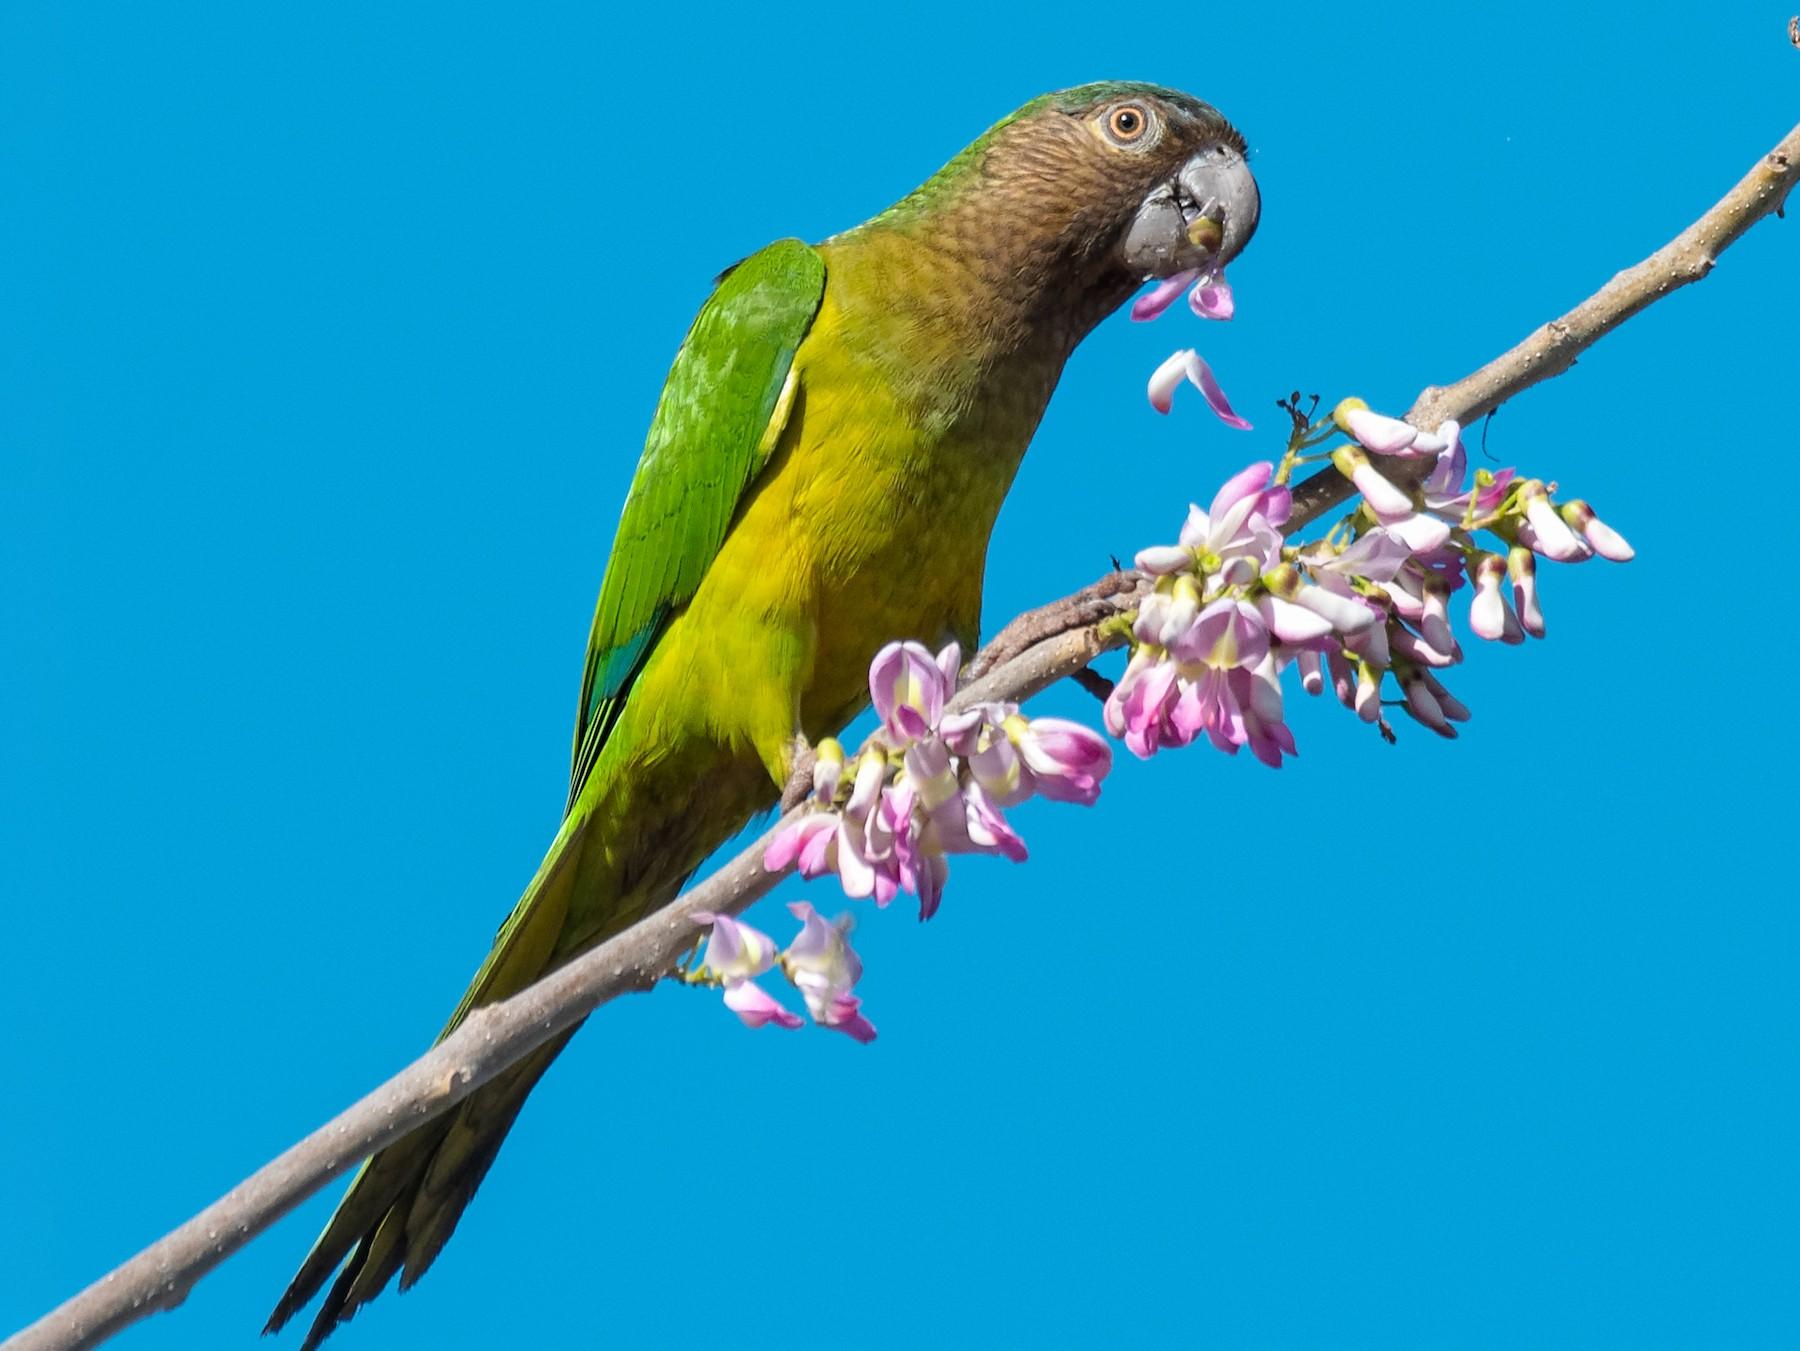 Brown-throated Parakeet - Don Danko